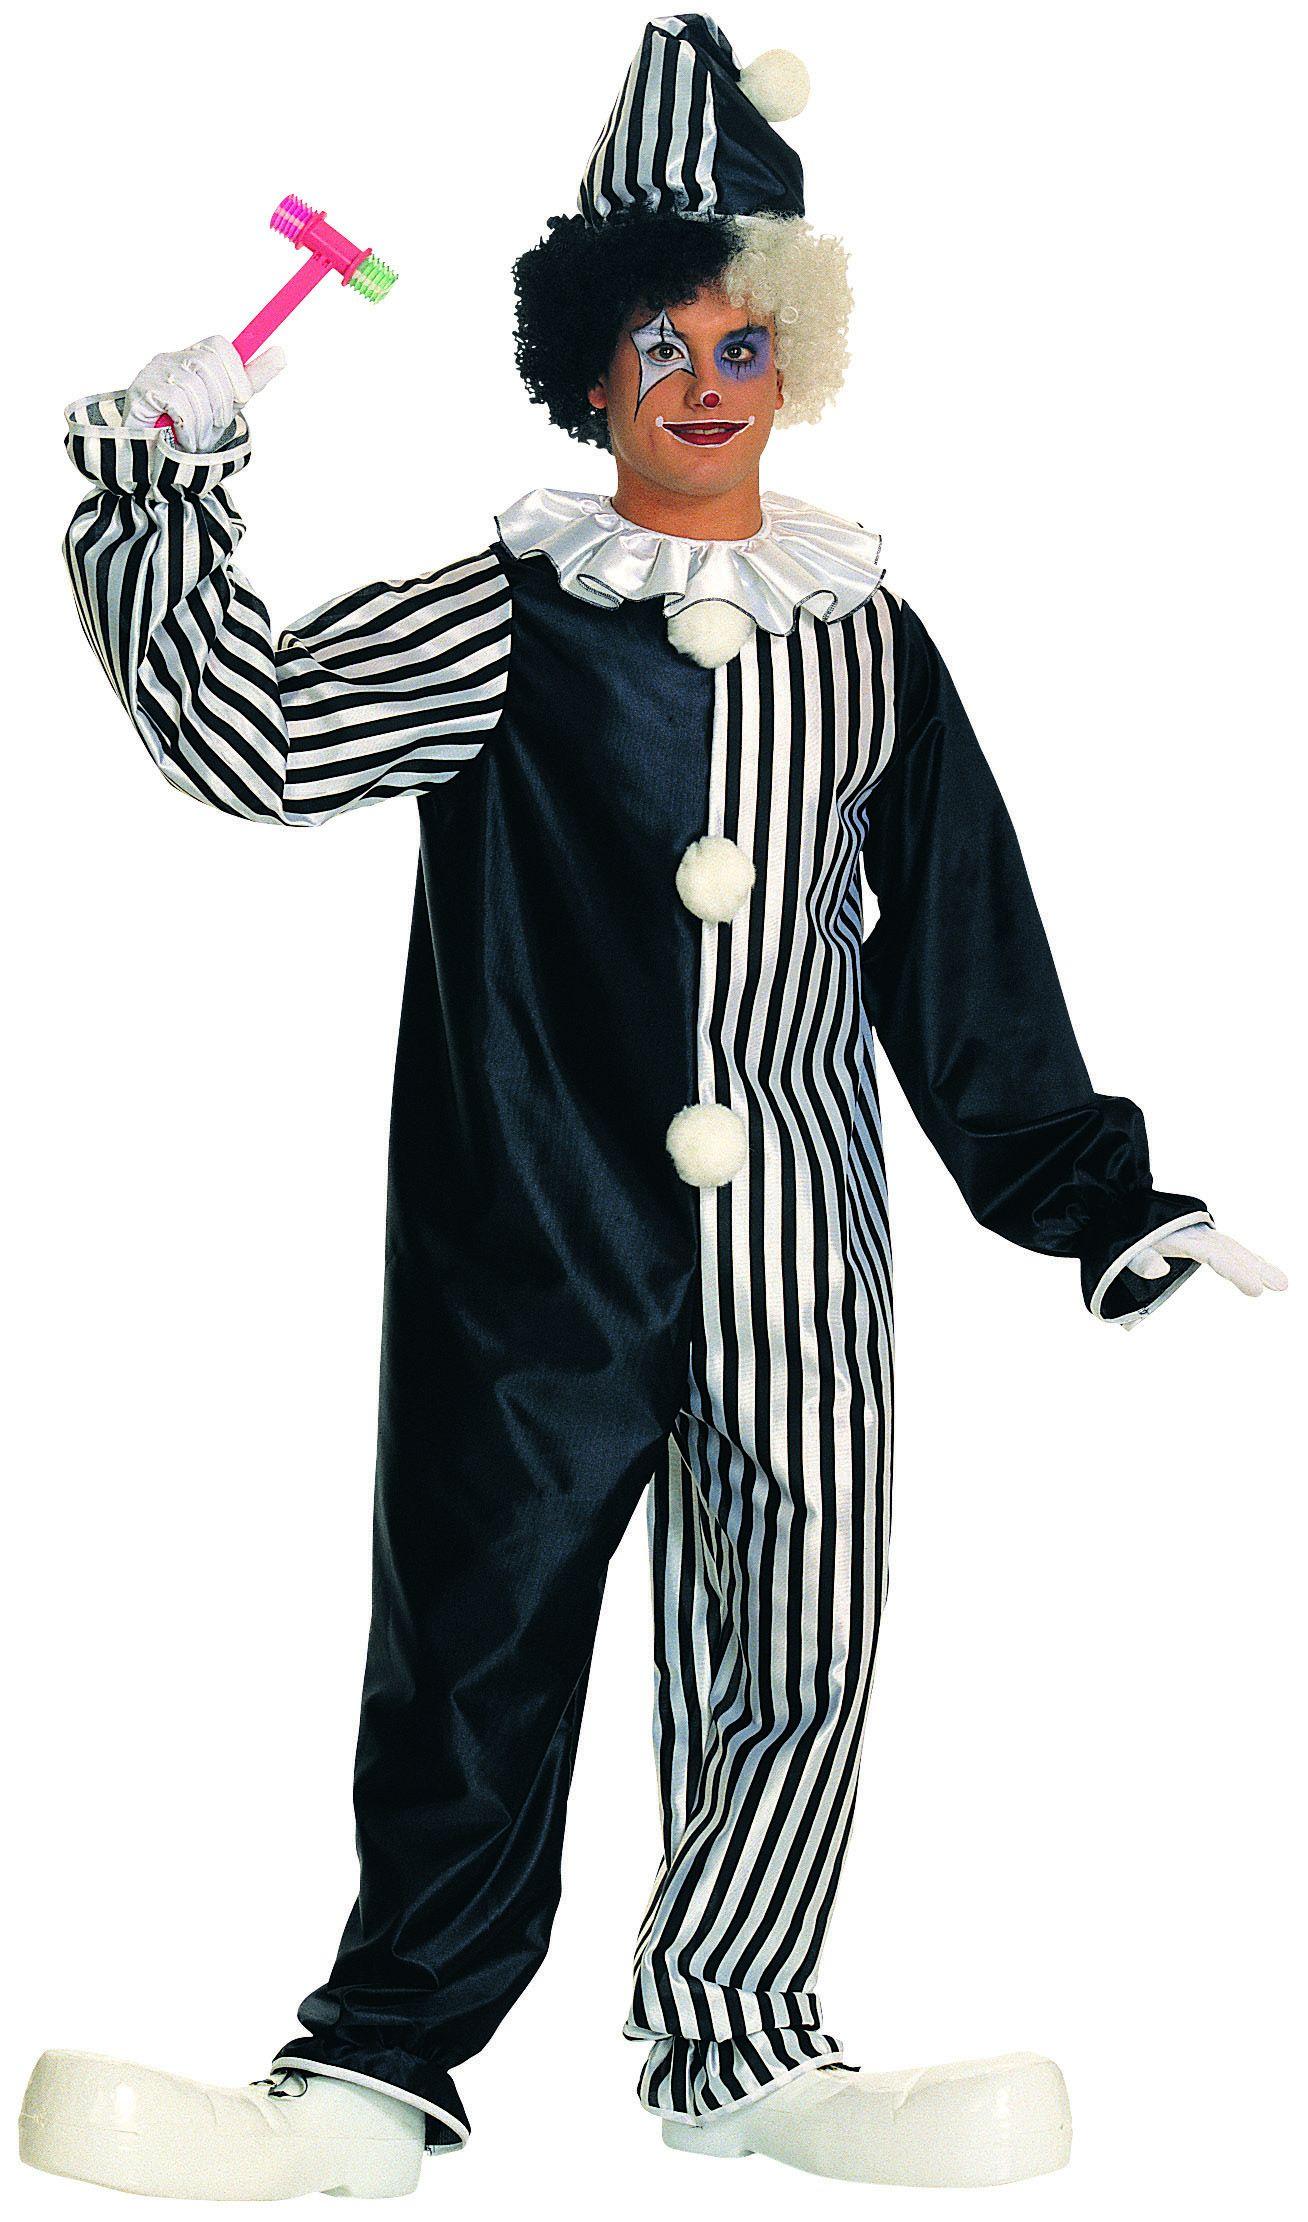 Harlequin Clown Costume Code 9961 The Halloween Store